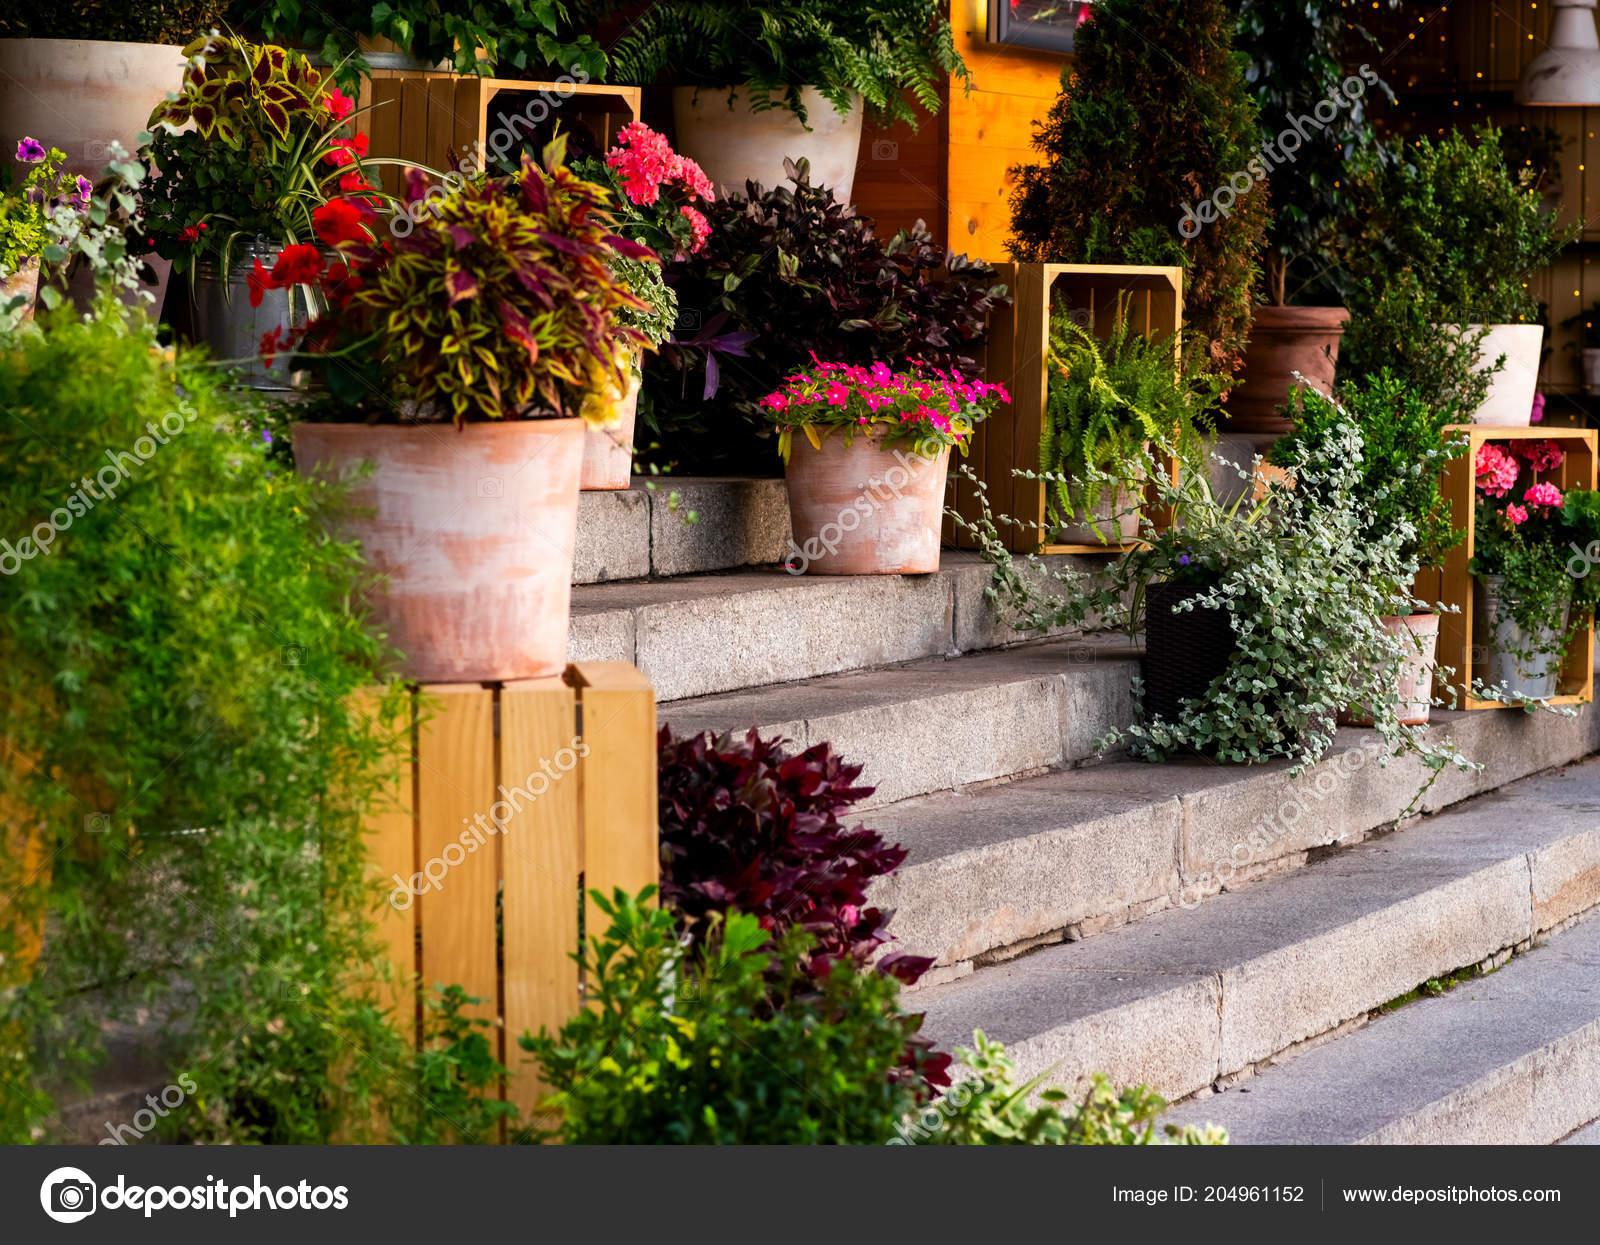 Decoratie van bloemen de ingang groep u2014 stockfoto © posonsky #204961152